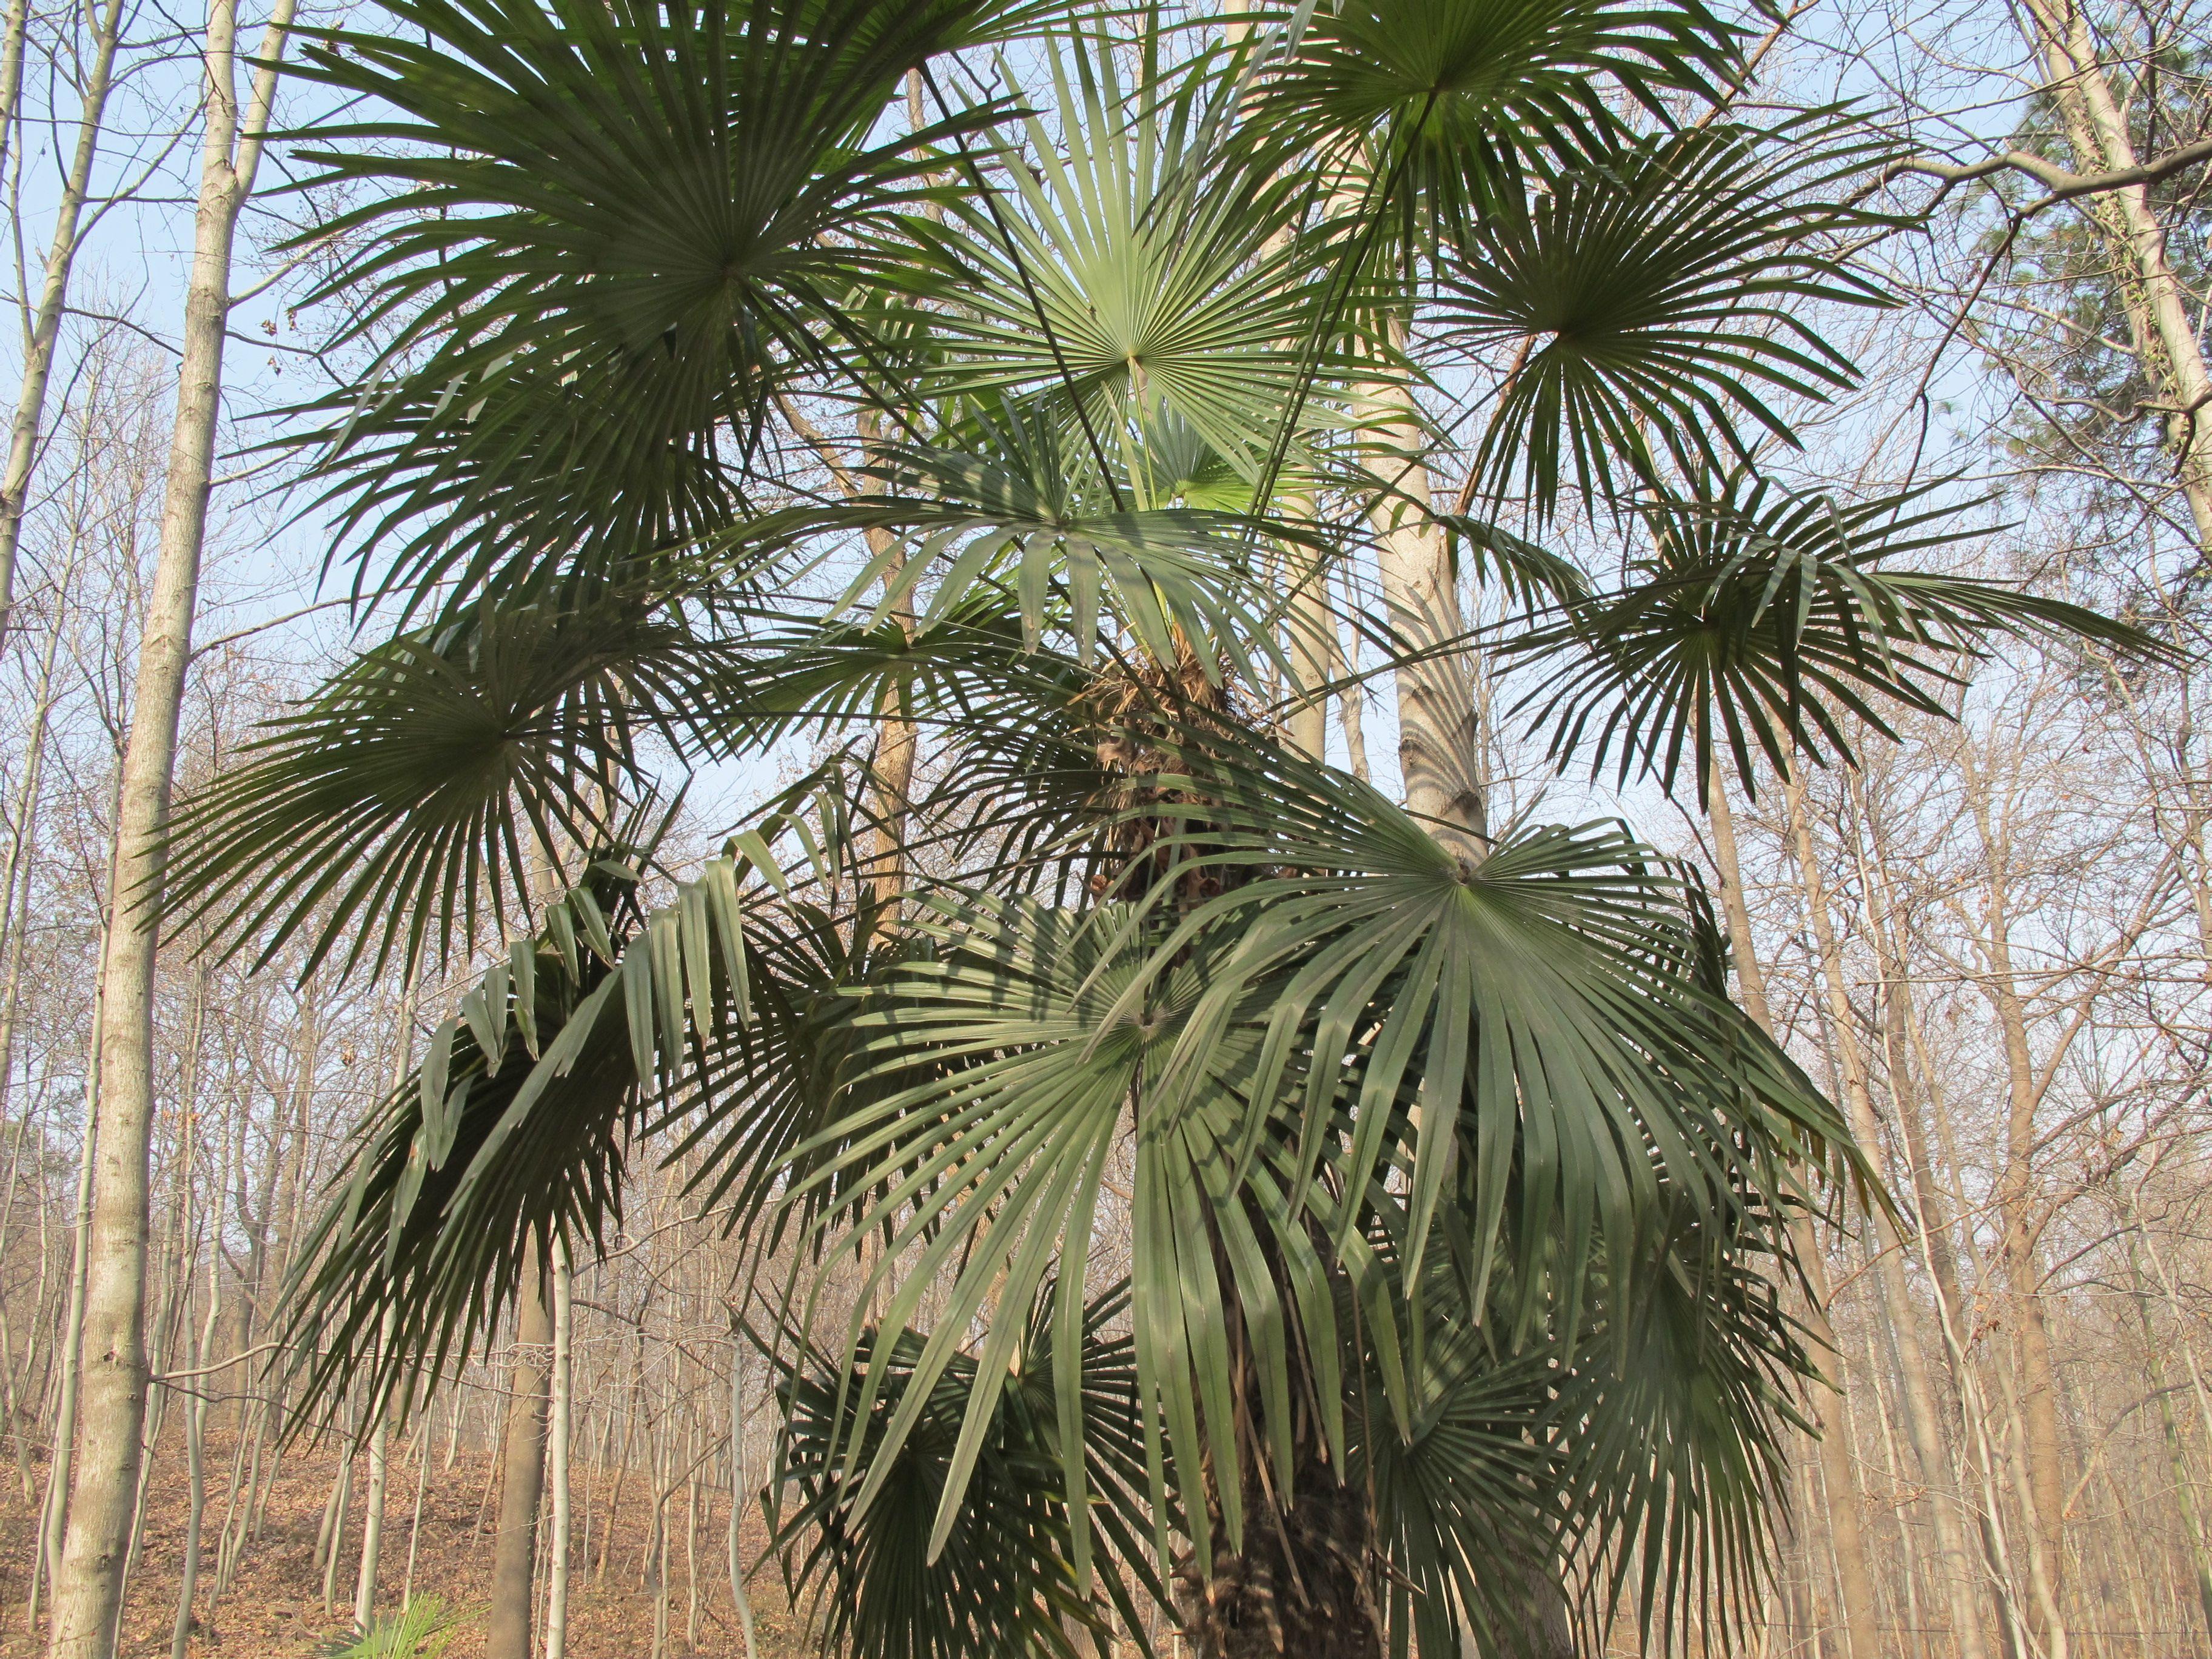 树的种类名称及图片 树的种类及名称 花的种类名称及图片